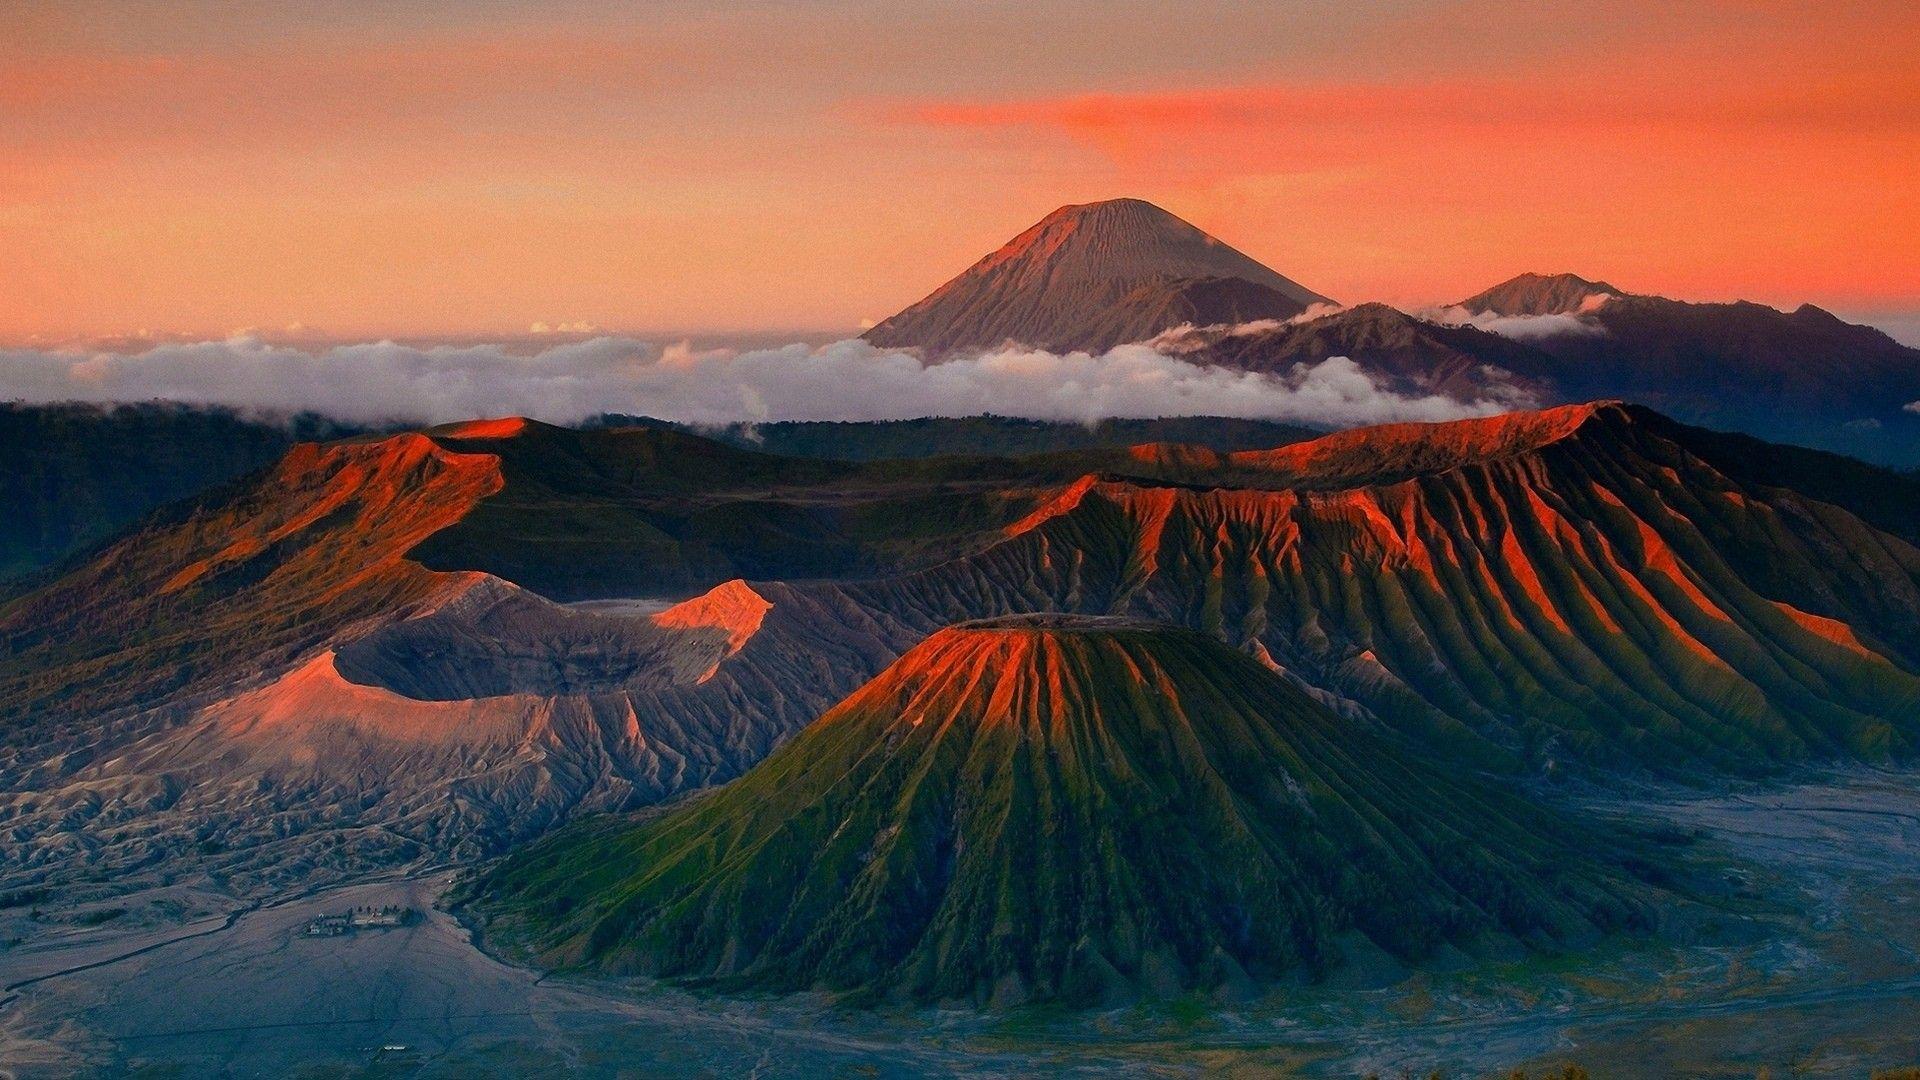 Mt Bromo Java Indonesia in 2019